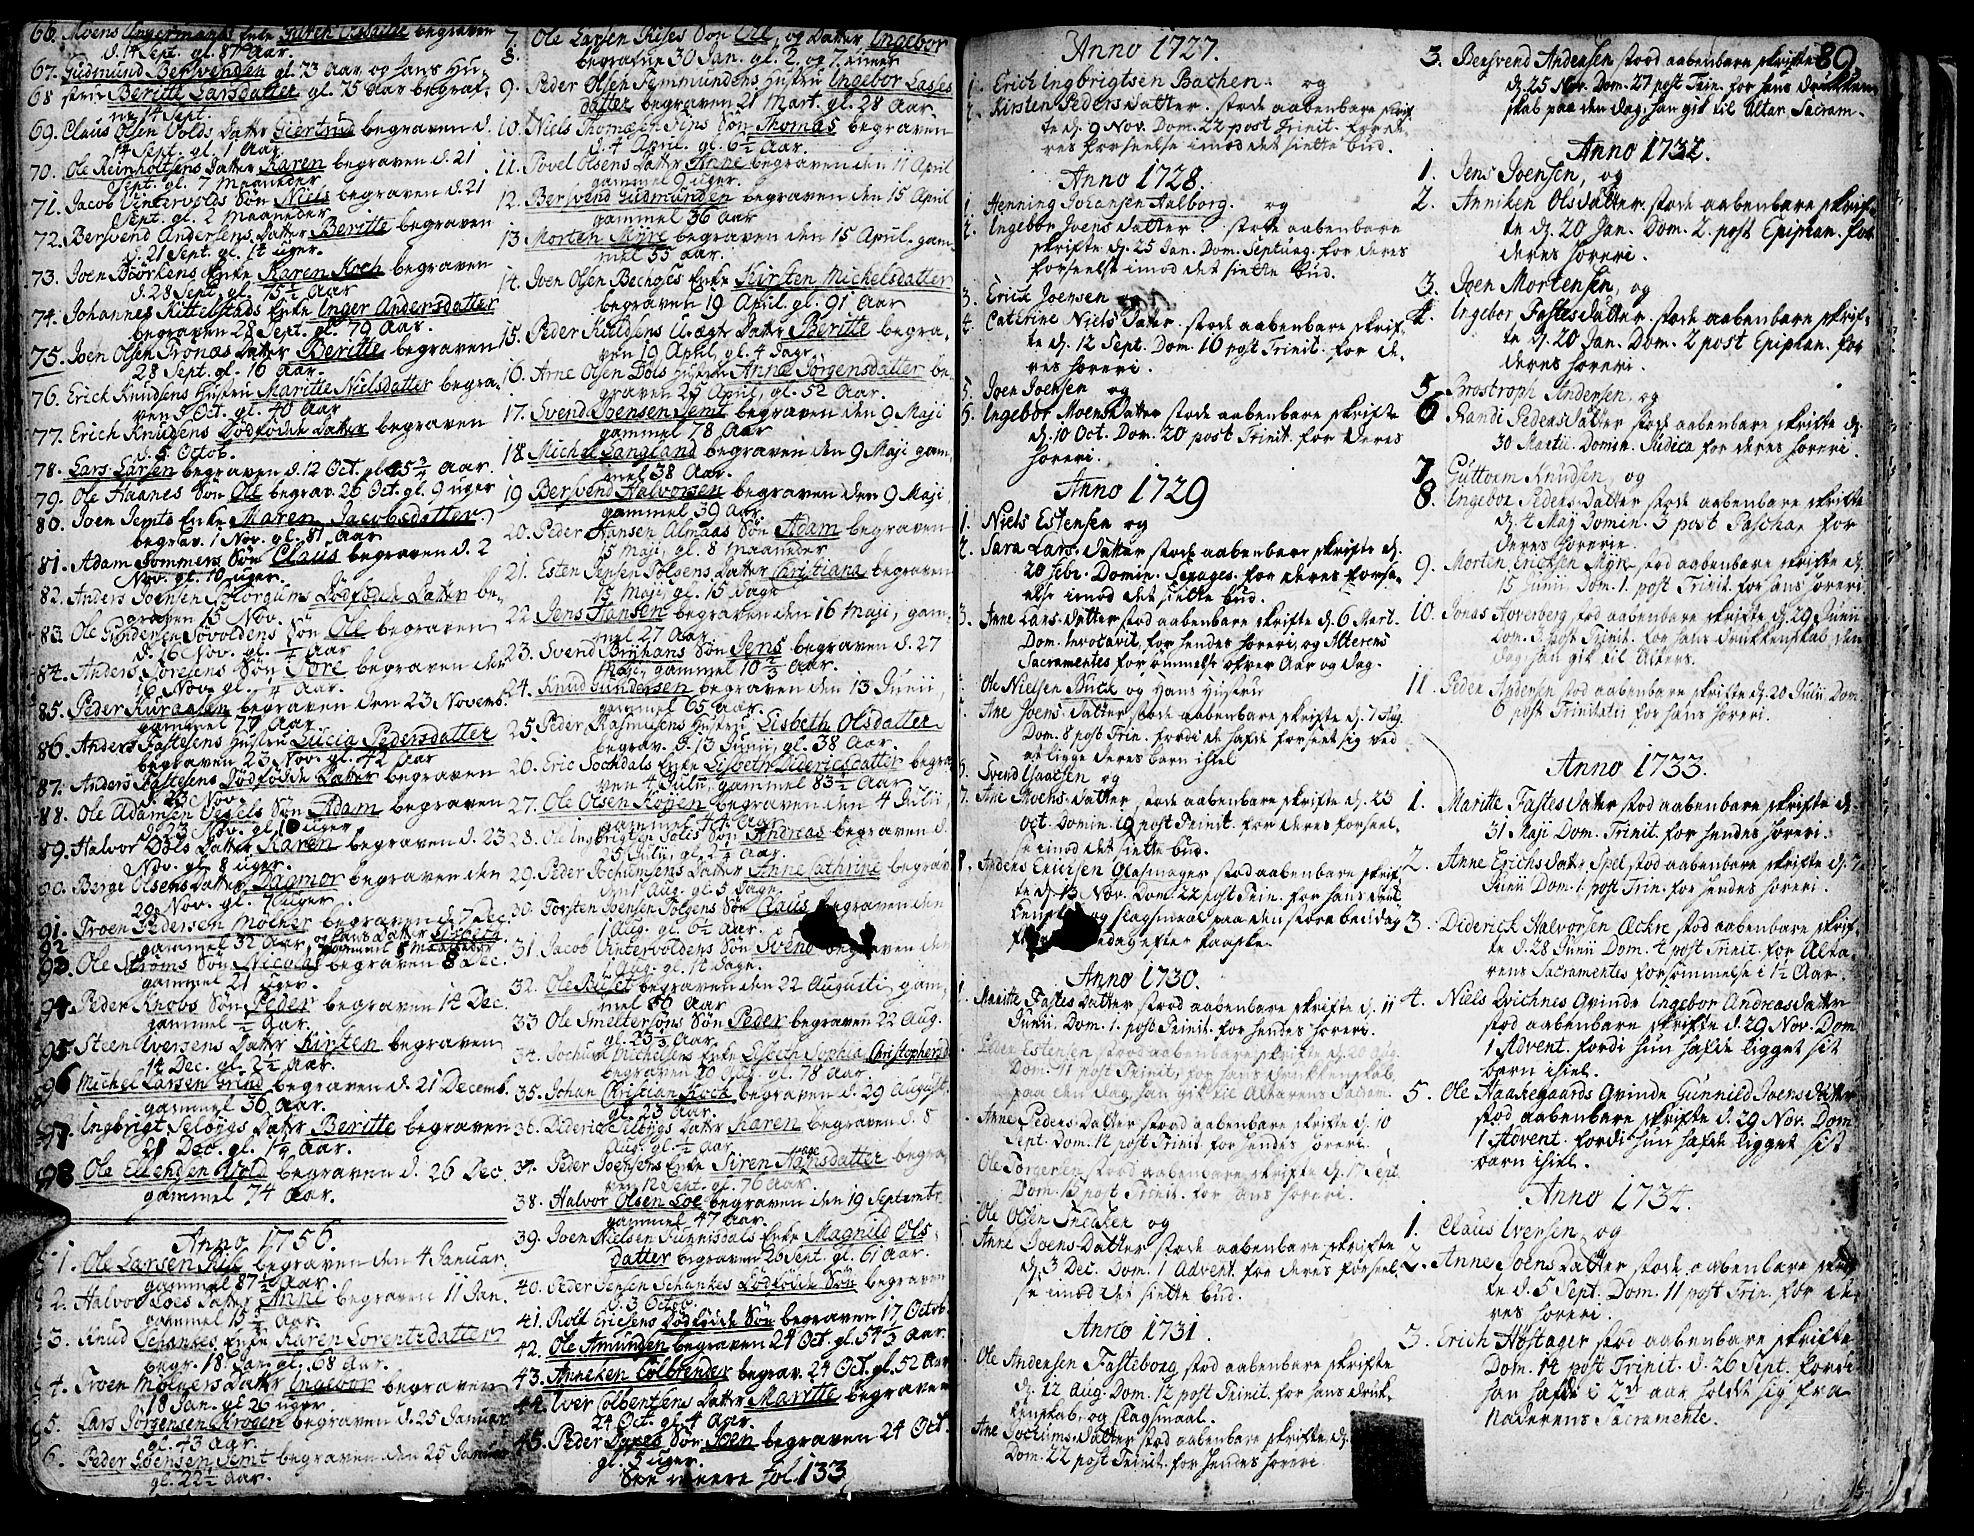 SAT, Ministerialprotokoller, klokkerbøker og fødselsregistre - Sør-Trøndelag, 681/L0925: Ministerialbok nr. 681A03, 1727-1766, s. 89